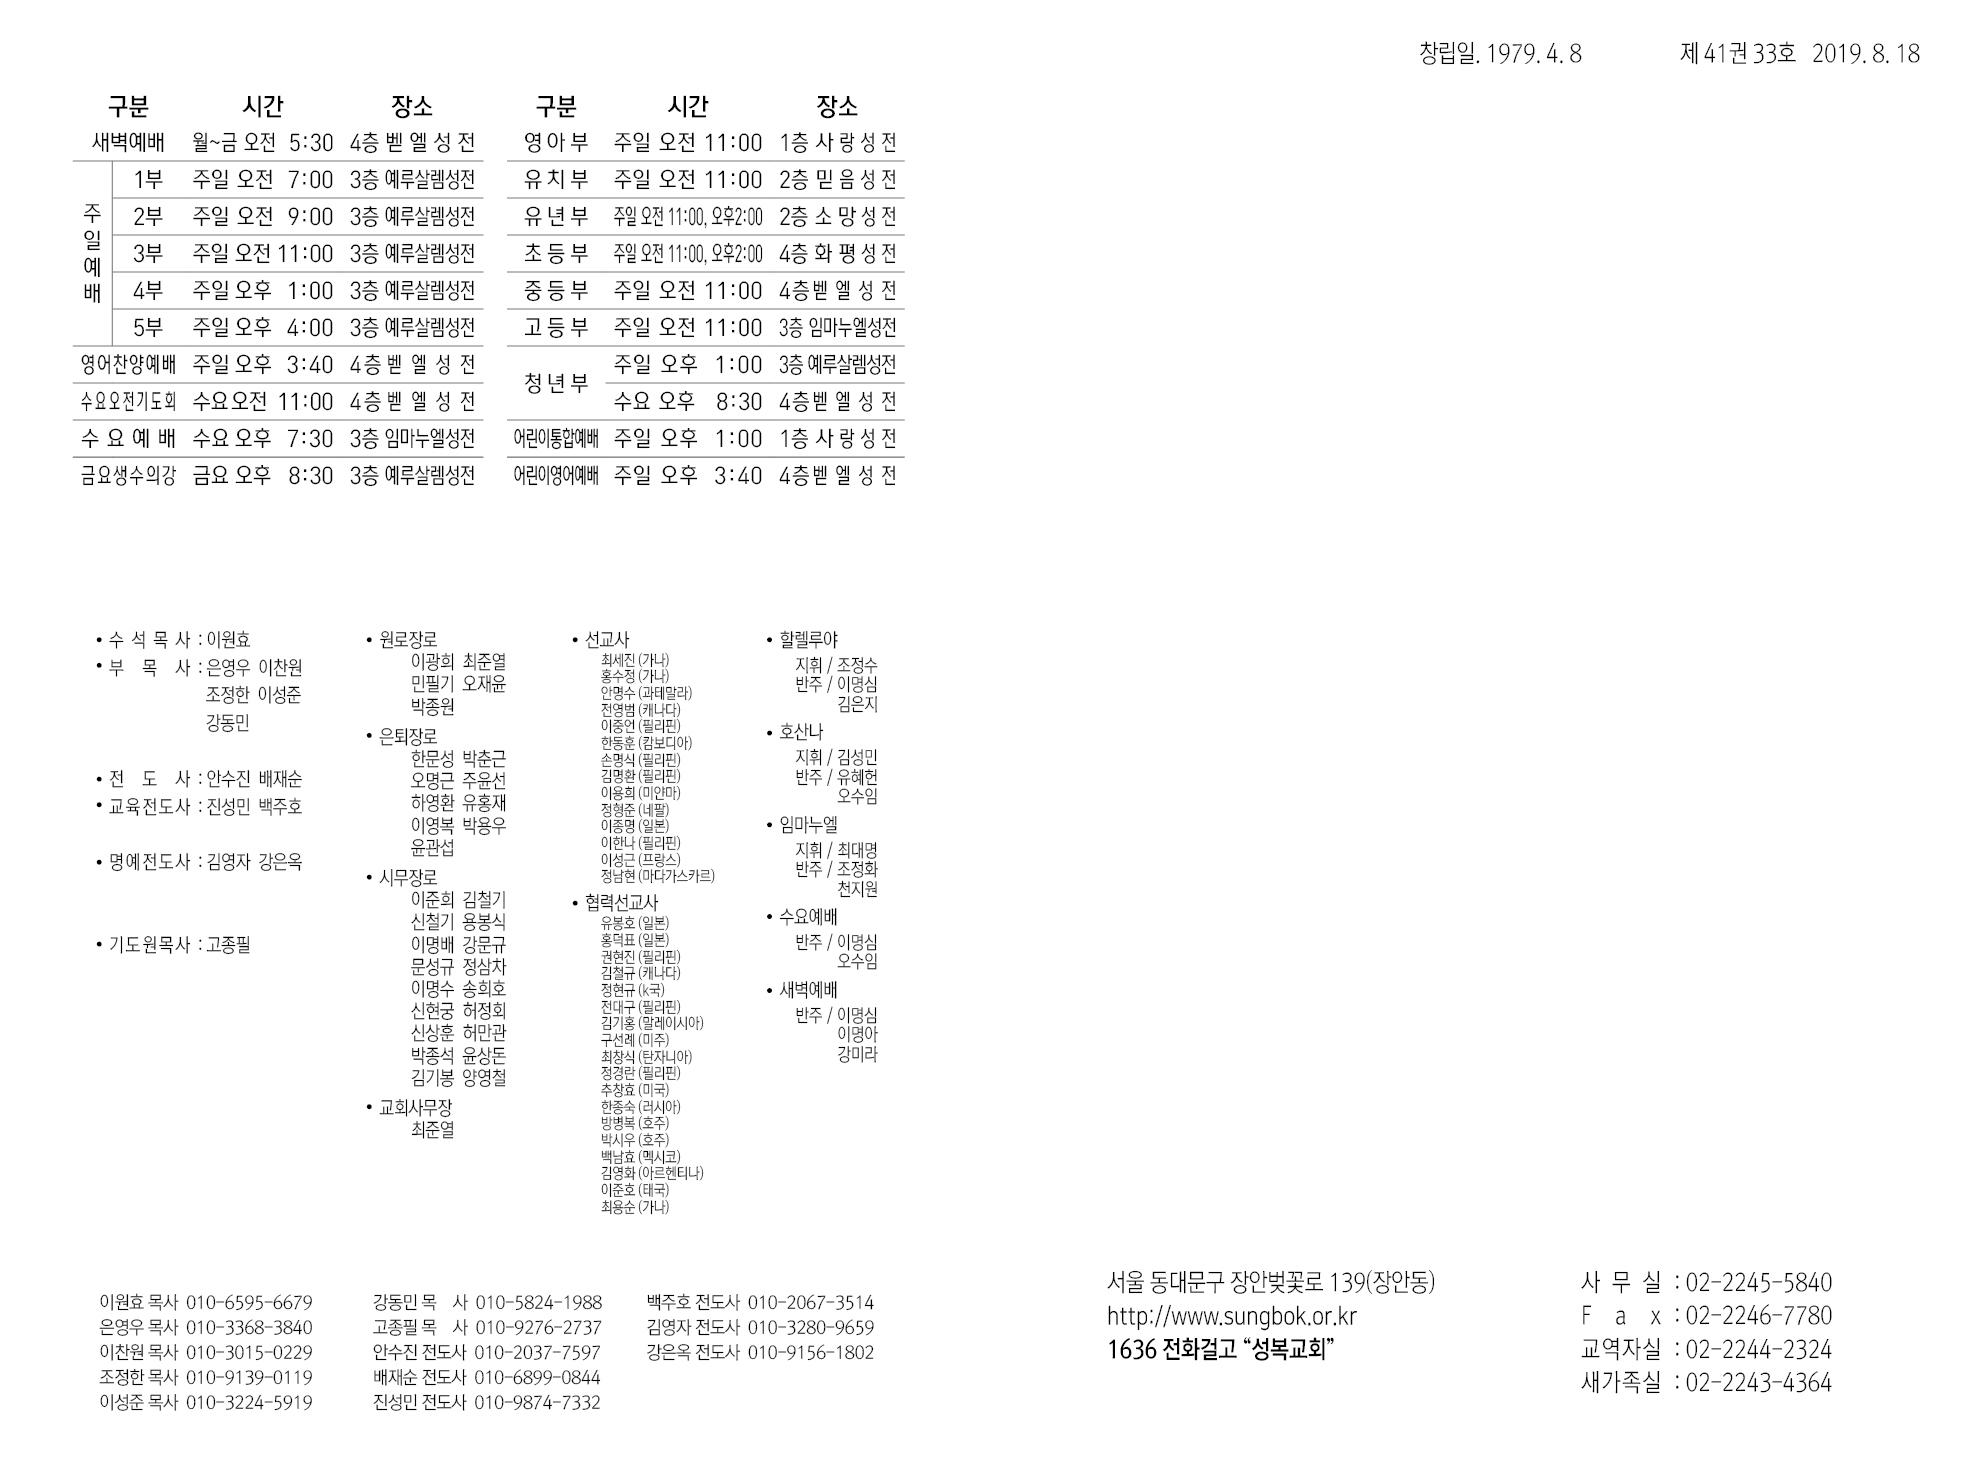 eb5d30c359e1a2ddac00b60caf25783a.jpg